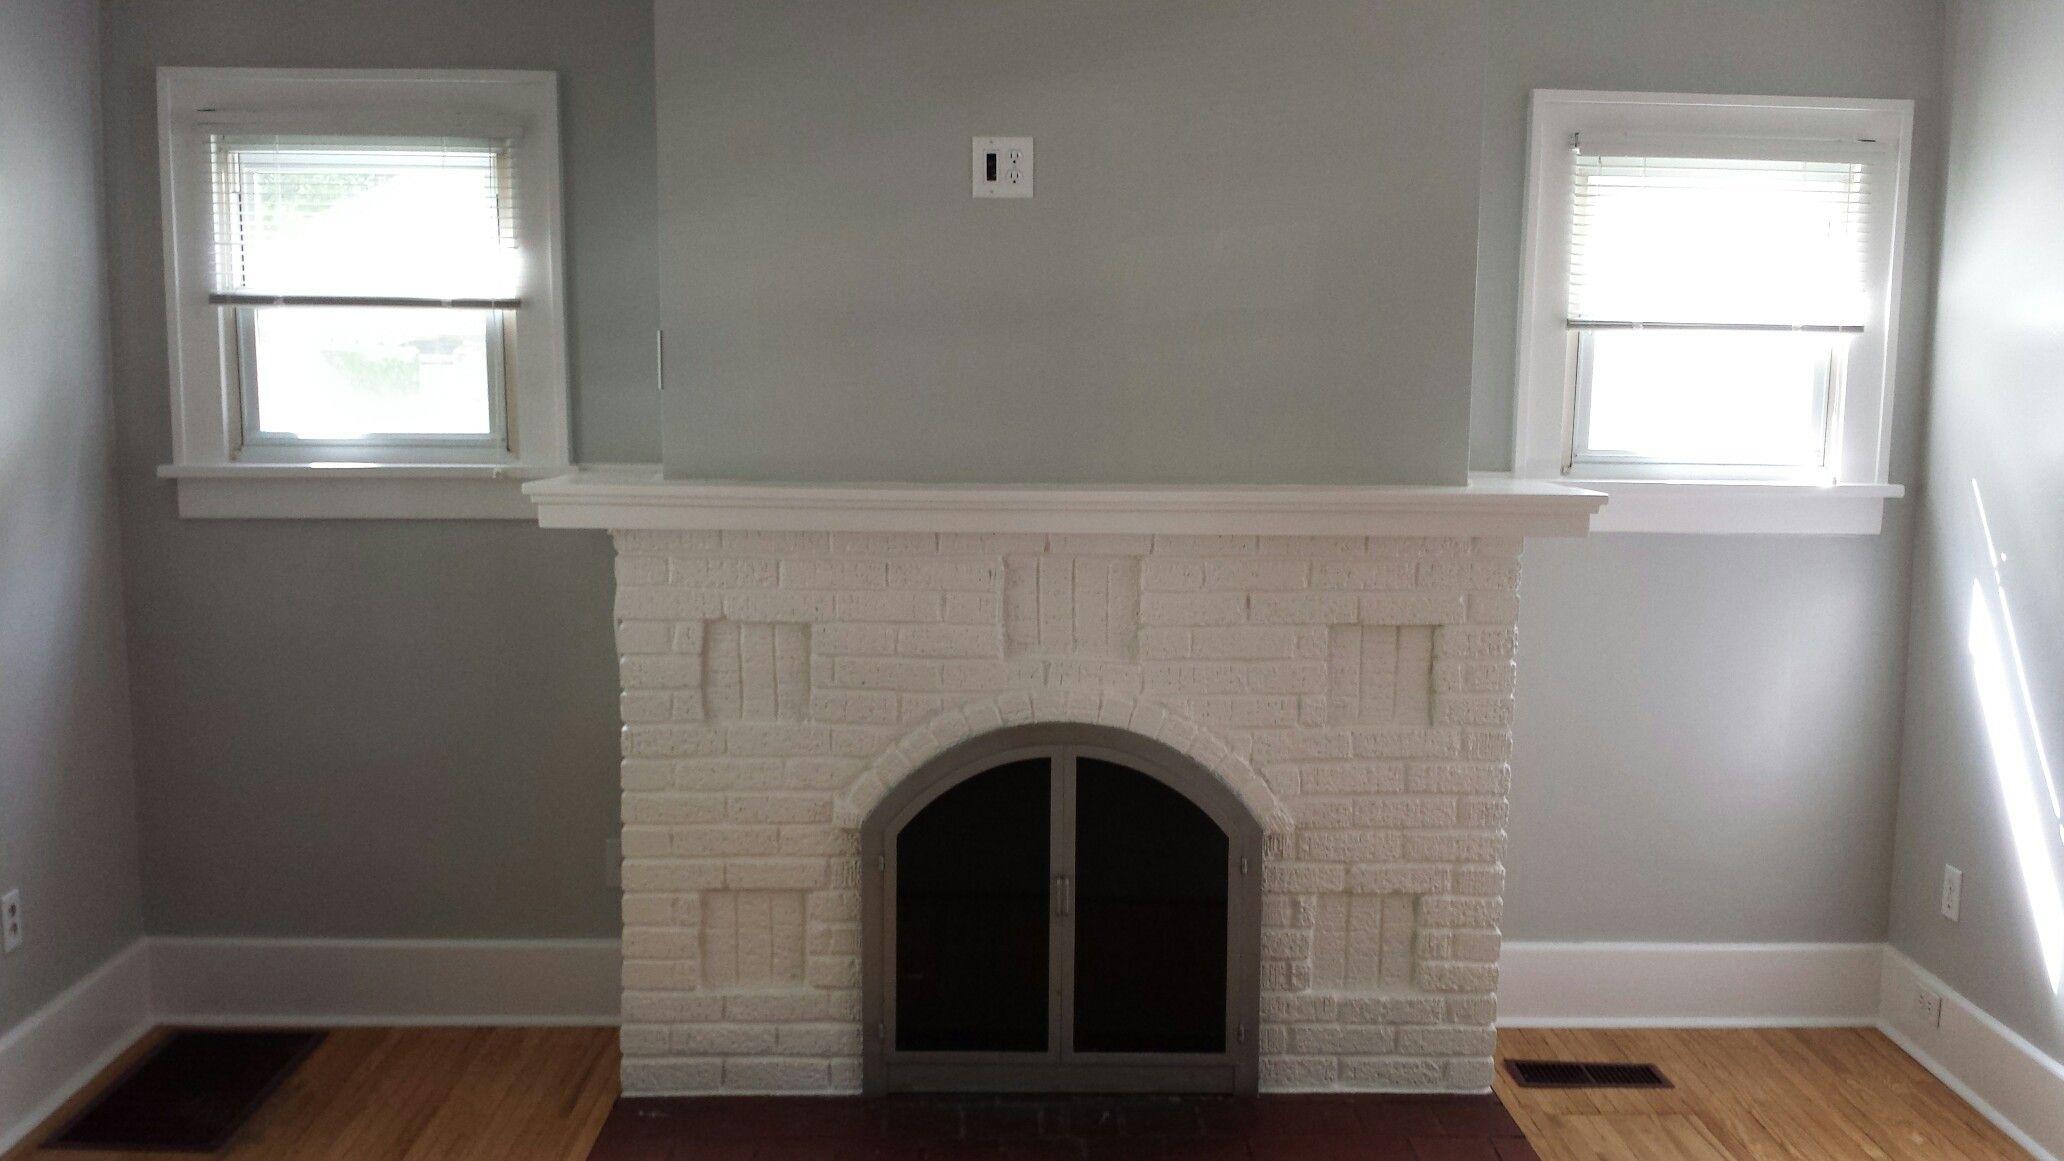 Walls: Valspar Notre Dame Trim And Fireplace: Valspar